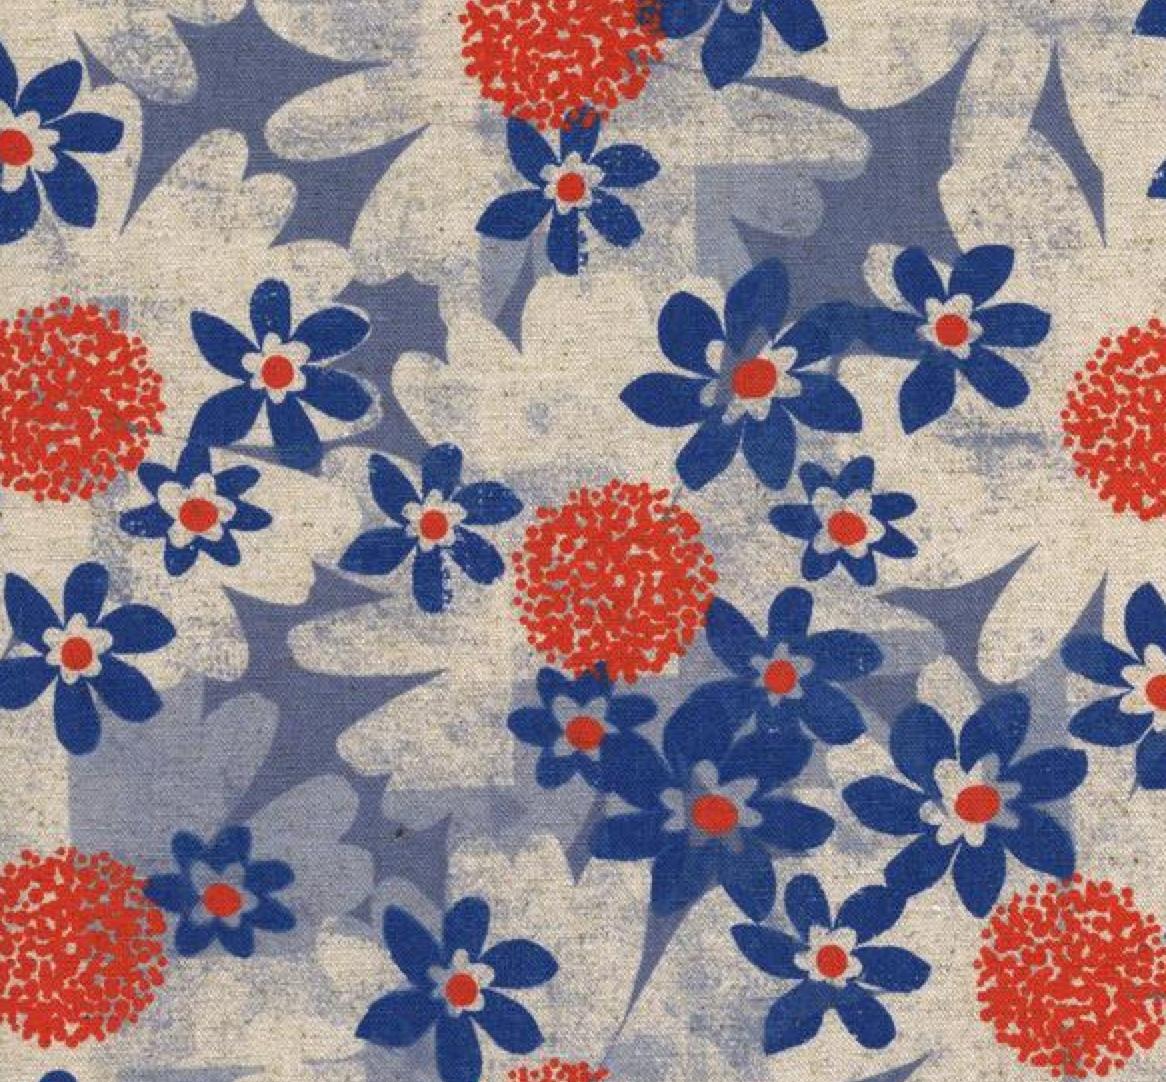 Cotton + Steel Trinket Daisy Fields - Blue #0041 22